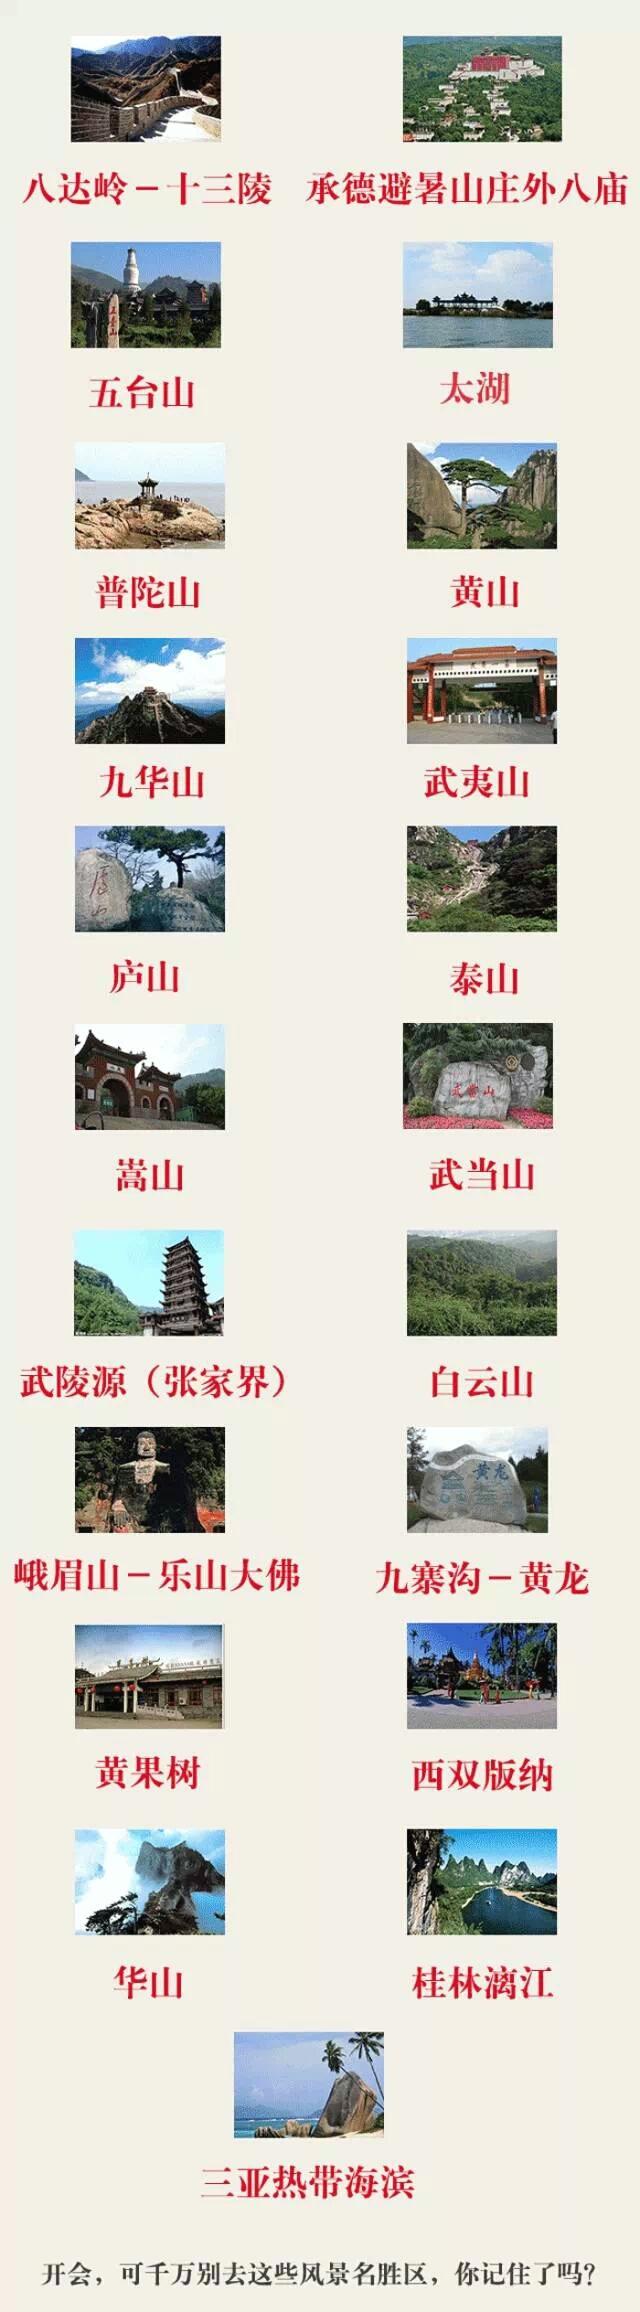 中纪委:开会不允许去这21个风景名胜区!